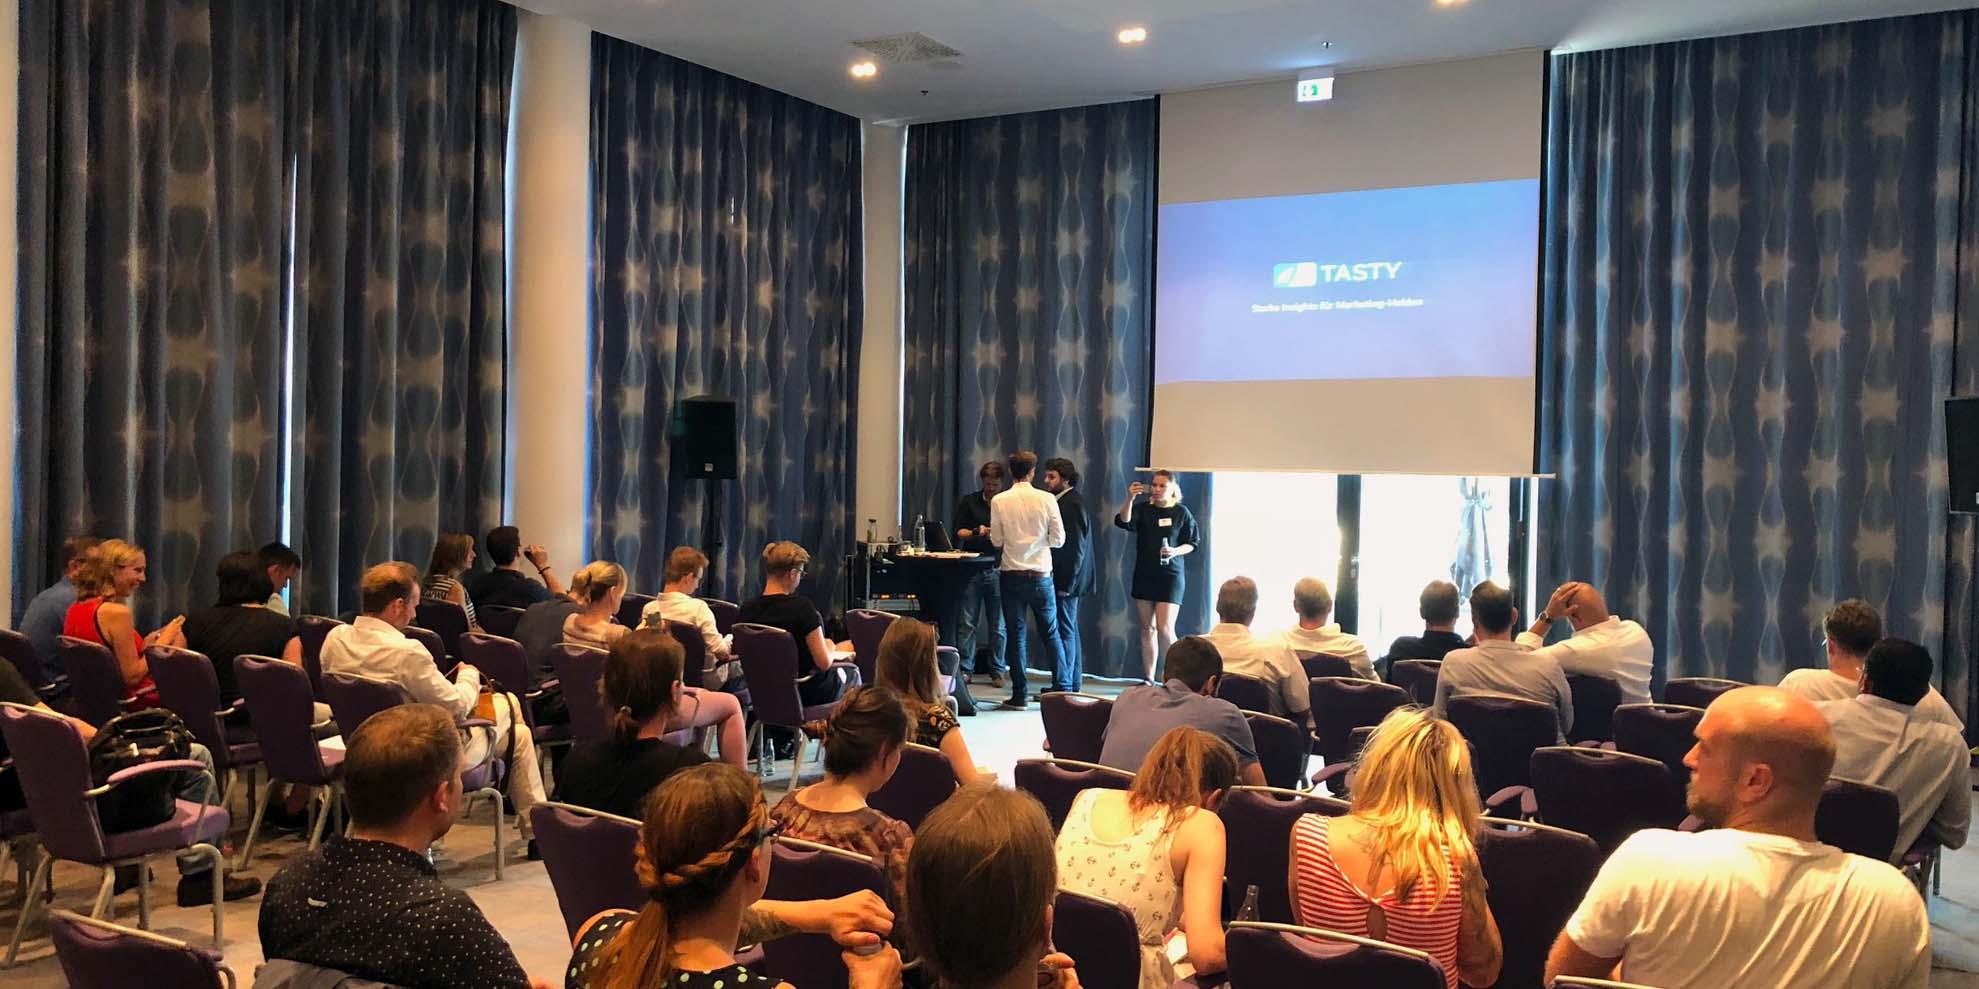 Interessierte Conversion-Optimiererinnen und -Optimierer im nhow Hotel Berlin. Danke an alle Teilnehmer für euer Engagement auch nach der Arbeit!